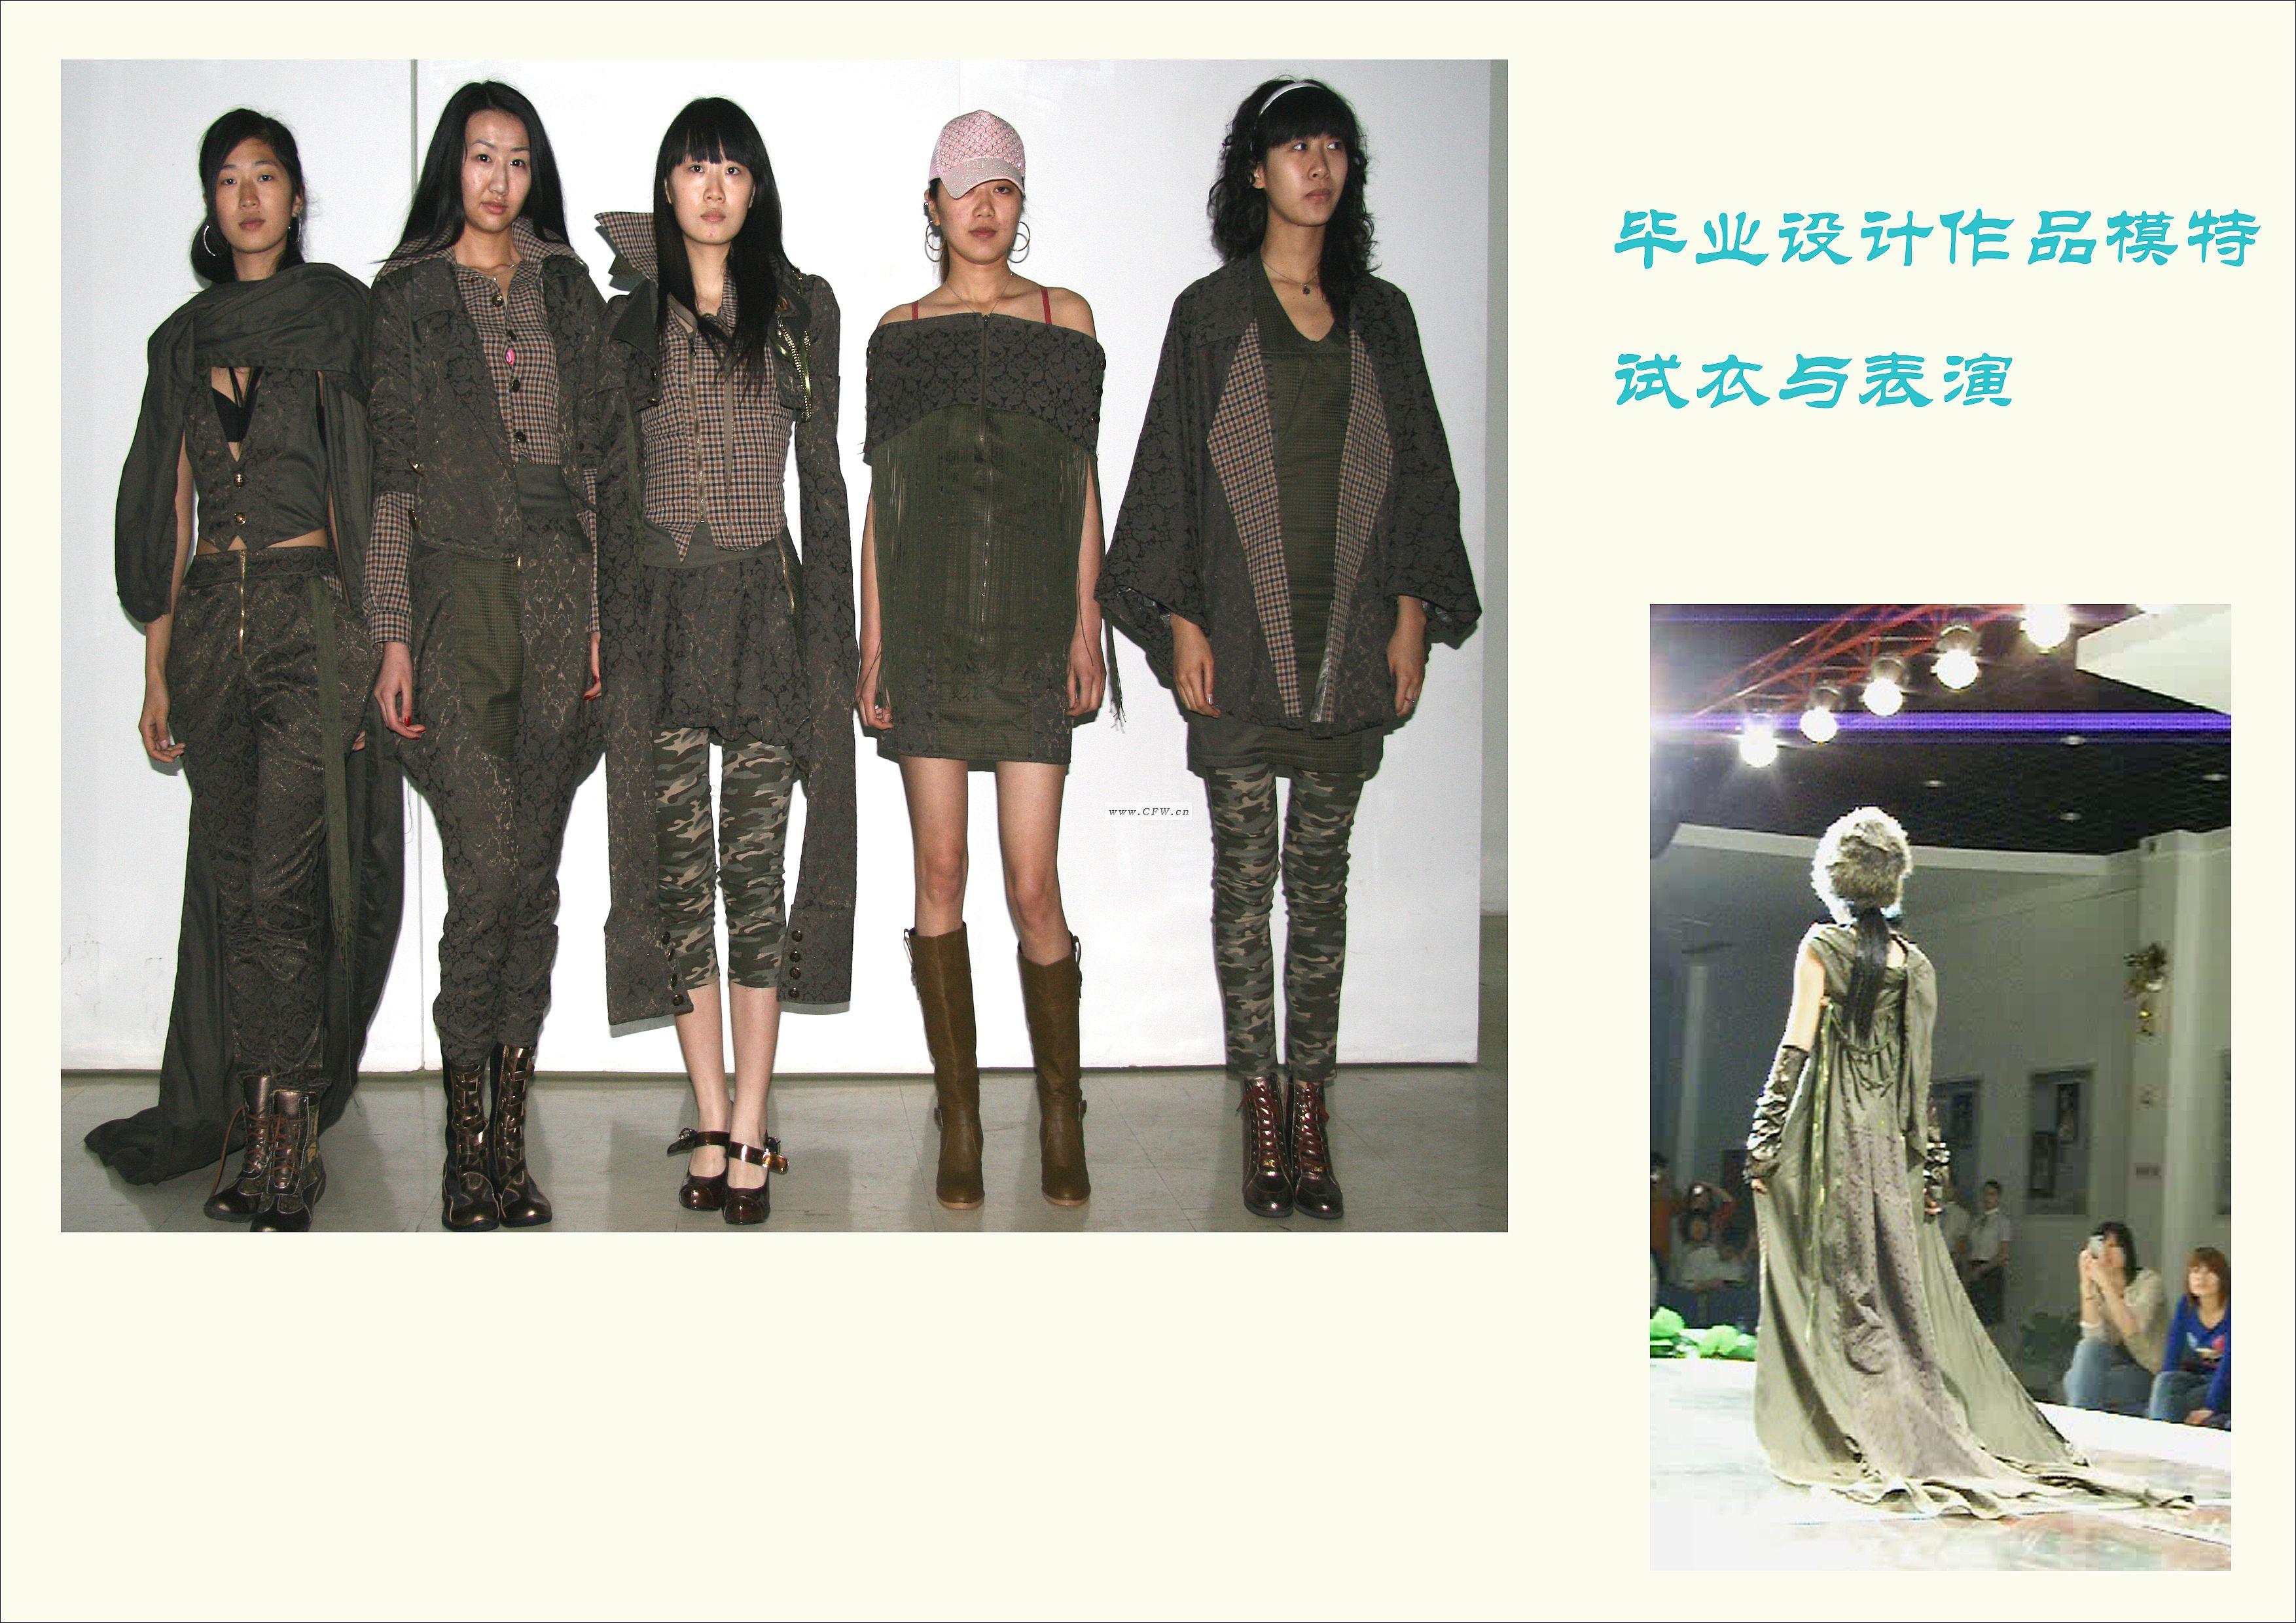 适合纹样和二方连续-图案设计设计-服装设计-服装